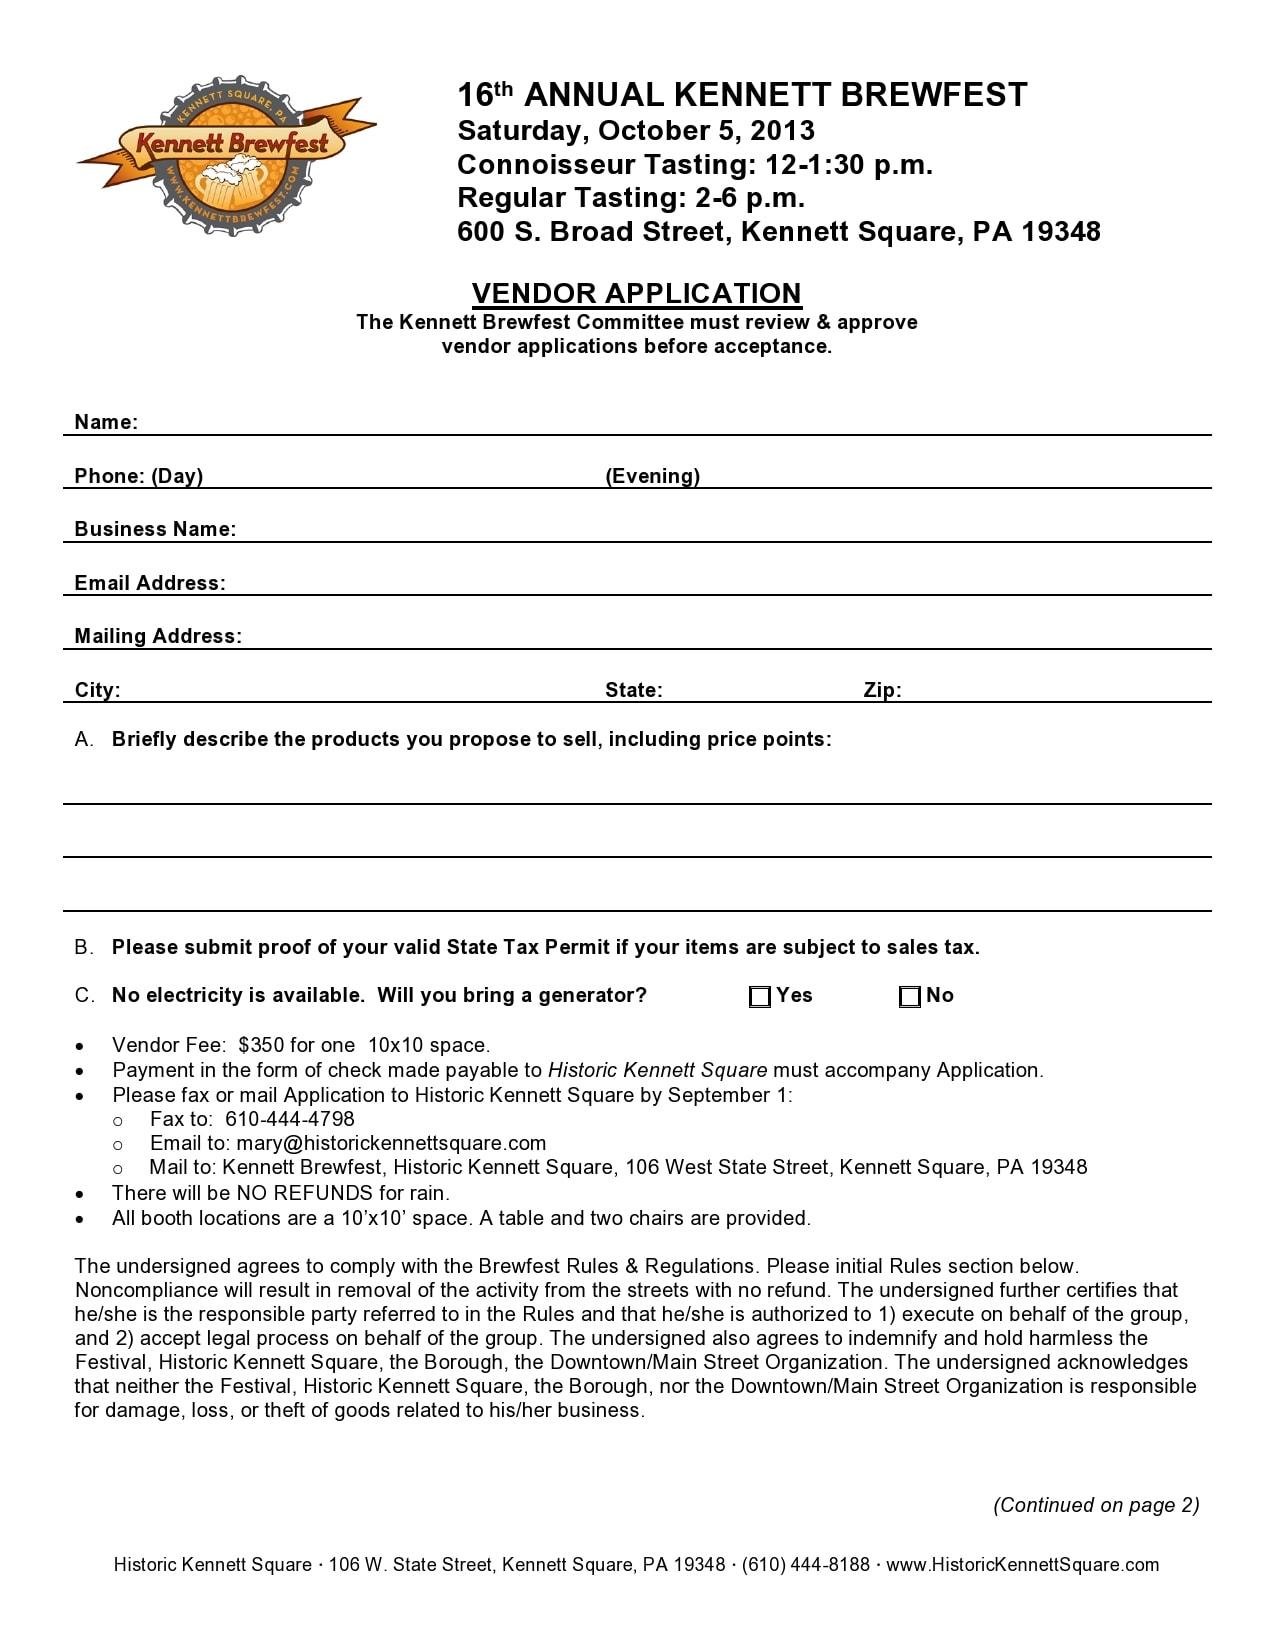 vendor application form 25